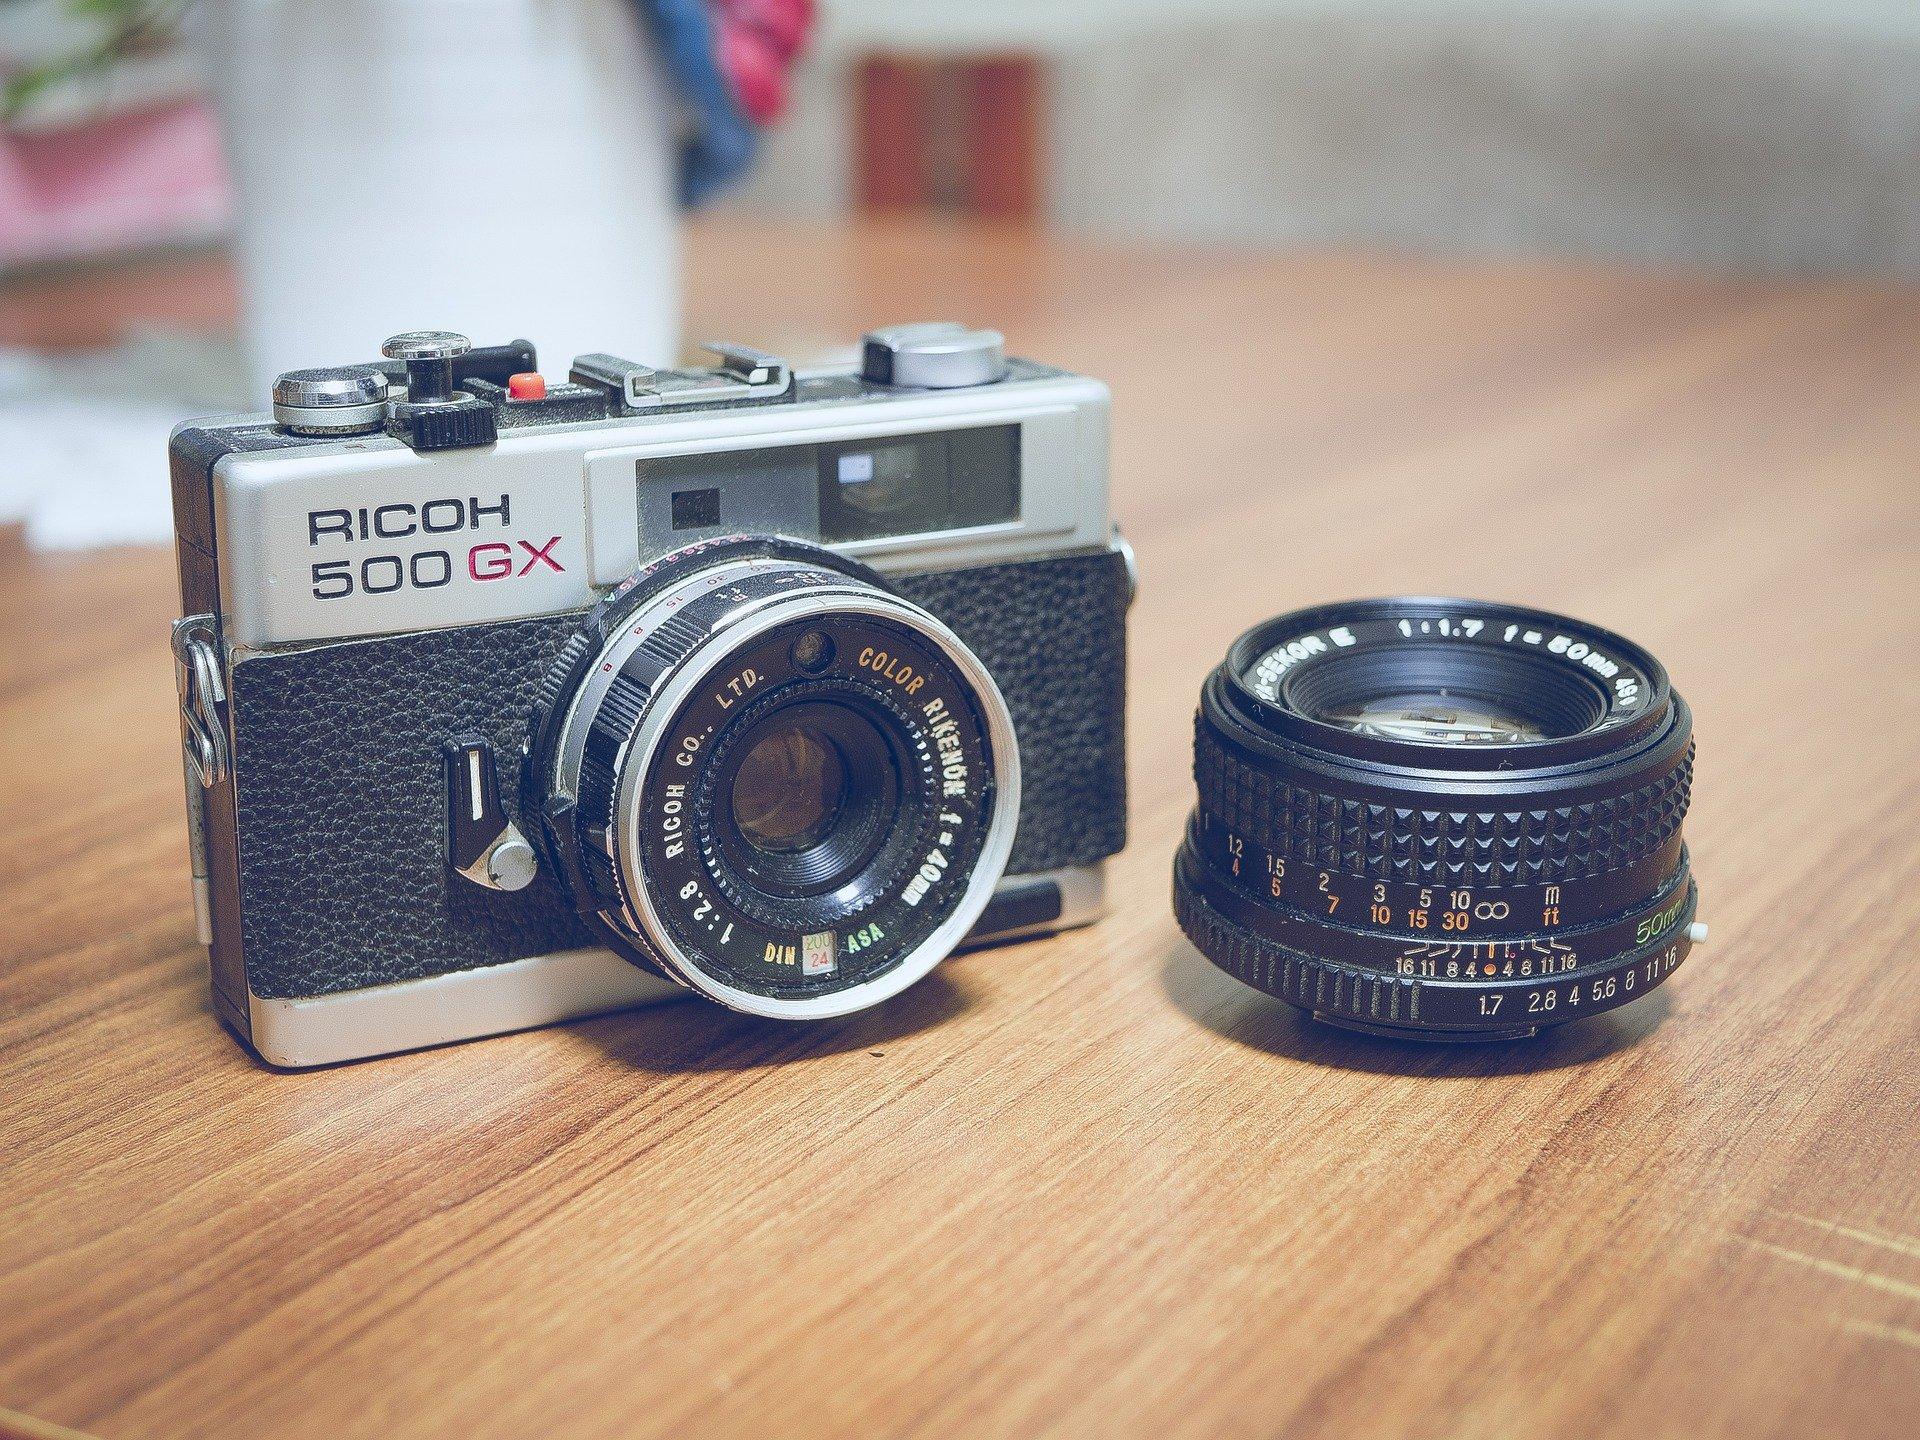 come utilizzare vecchia fotocamera